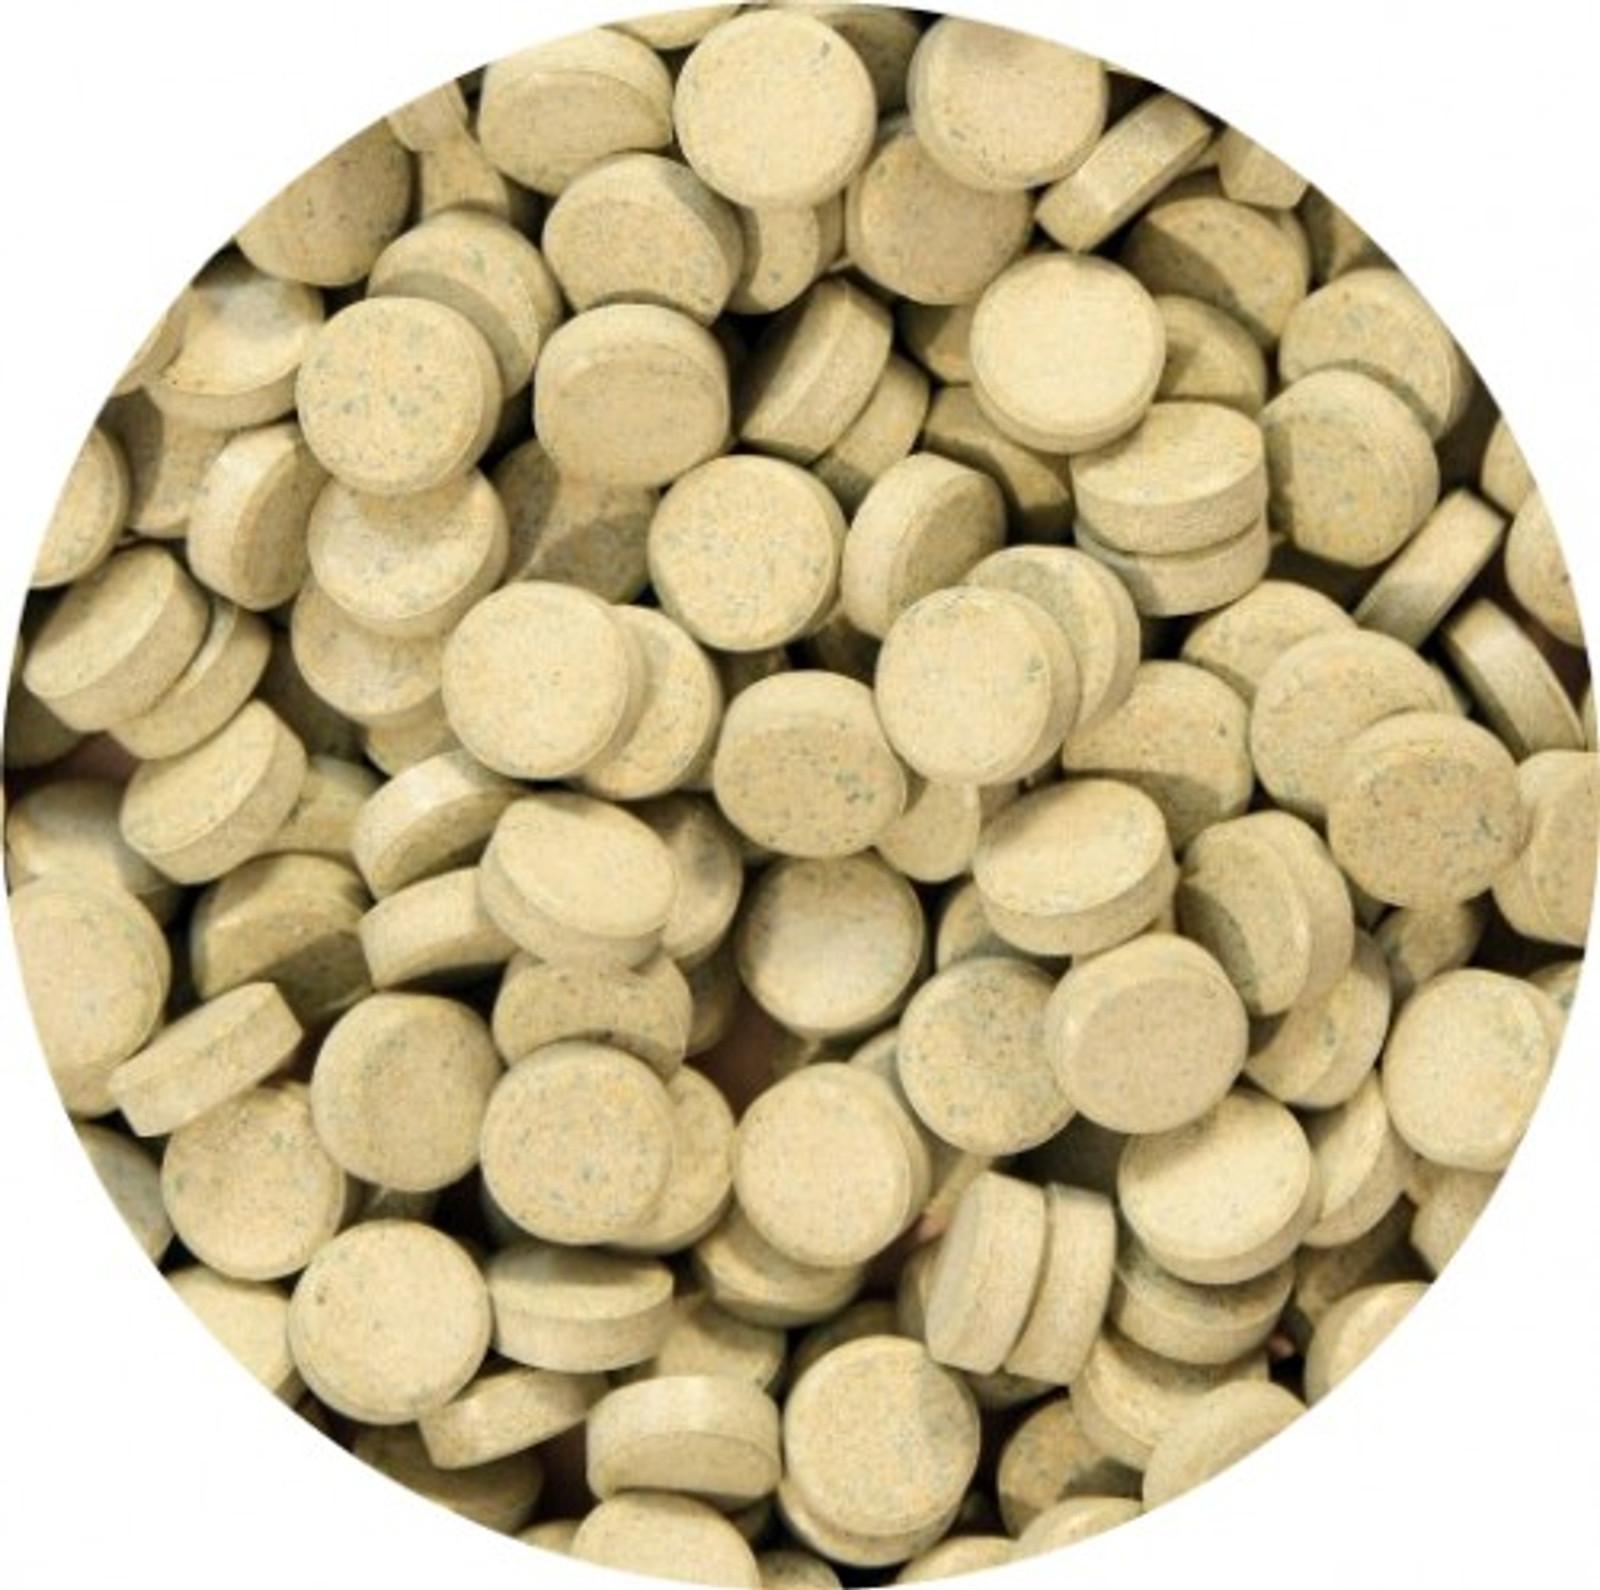 Aquaristik-Paradies Pflanzenfuttertabletten 1.000 g (ca. 1.250 ml) - verwendbar als Haft- und Bodentablette